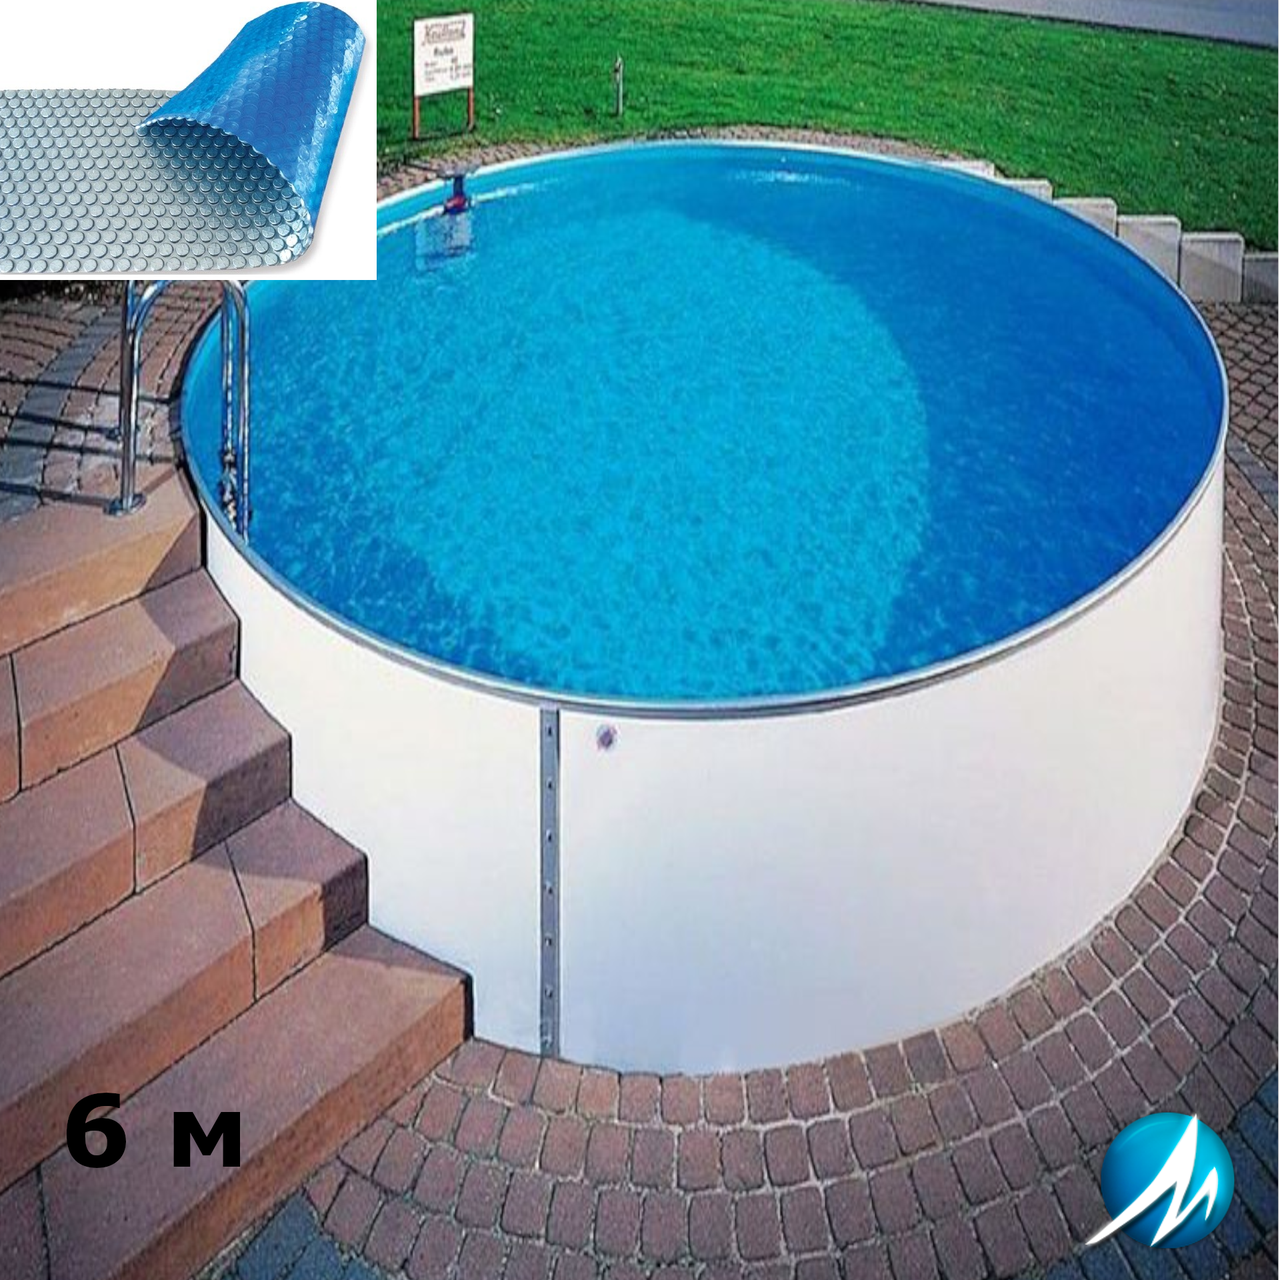 Солярное накрытие для сборного круглого бассейна 6 м